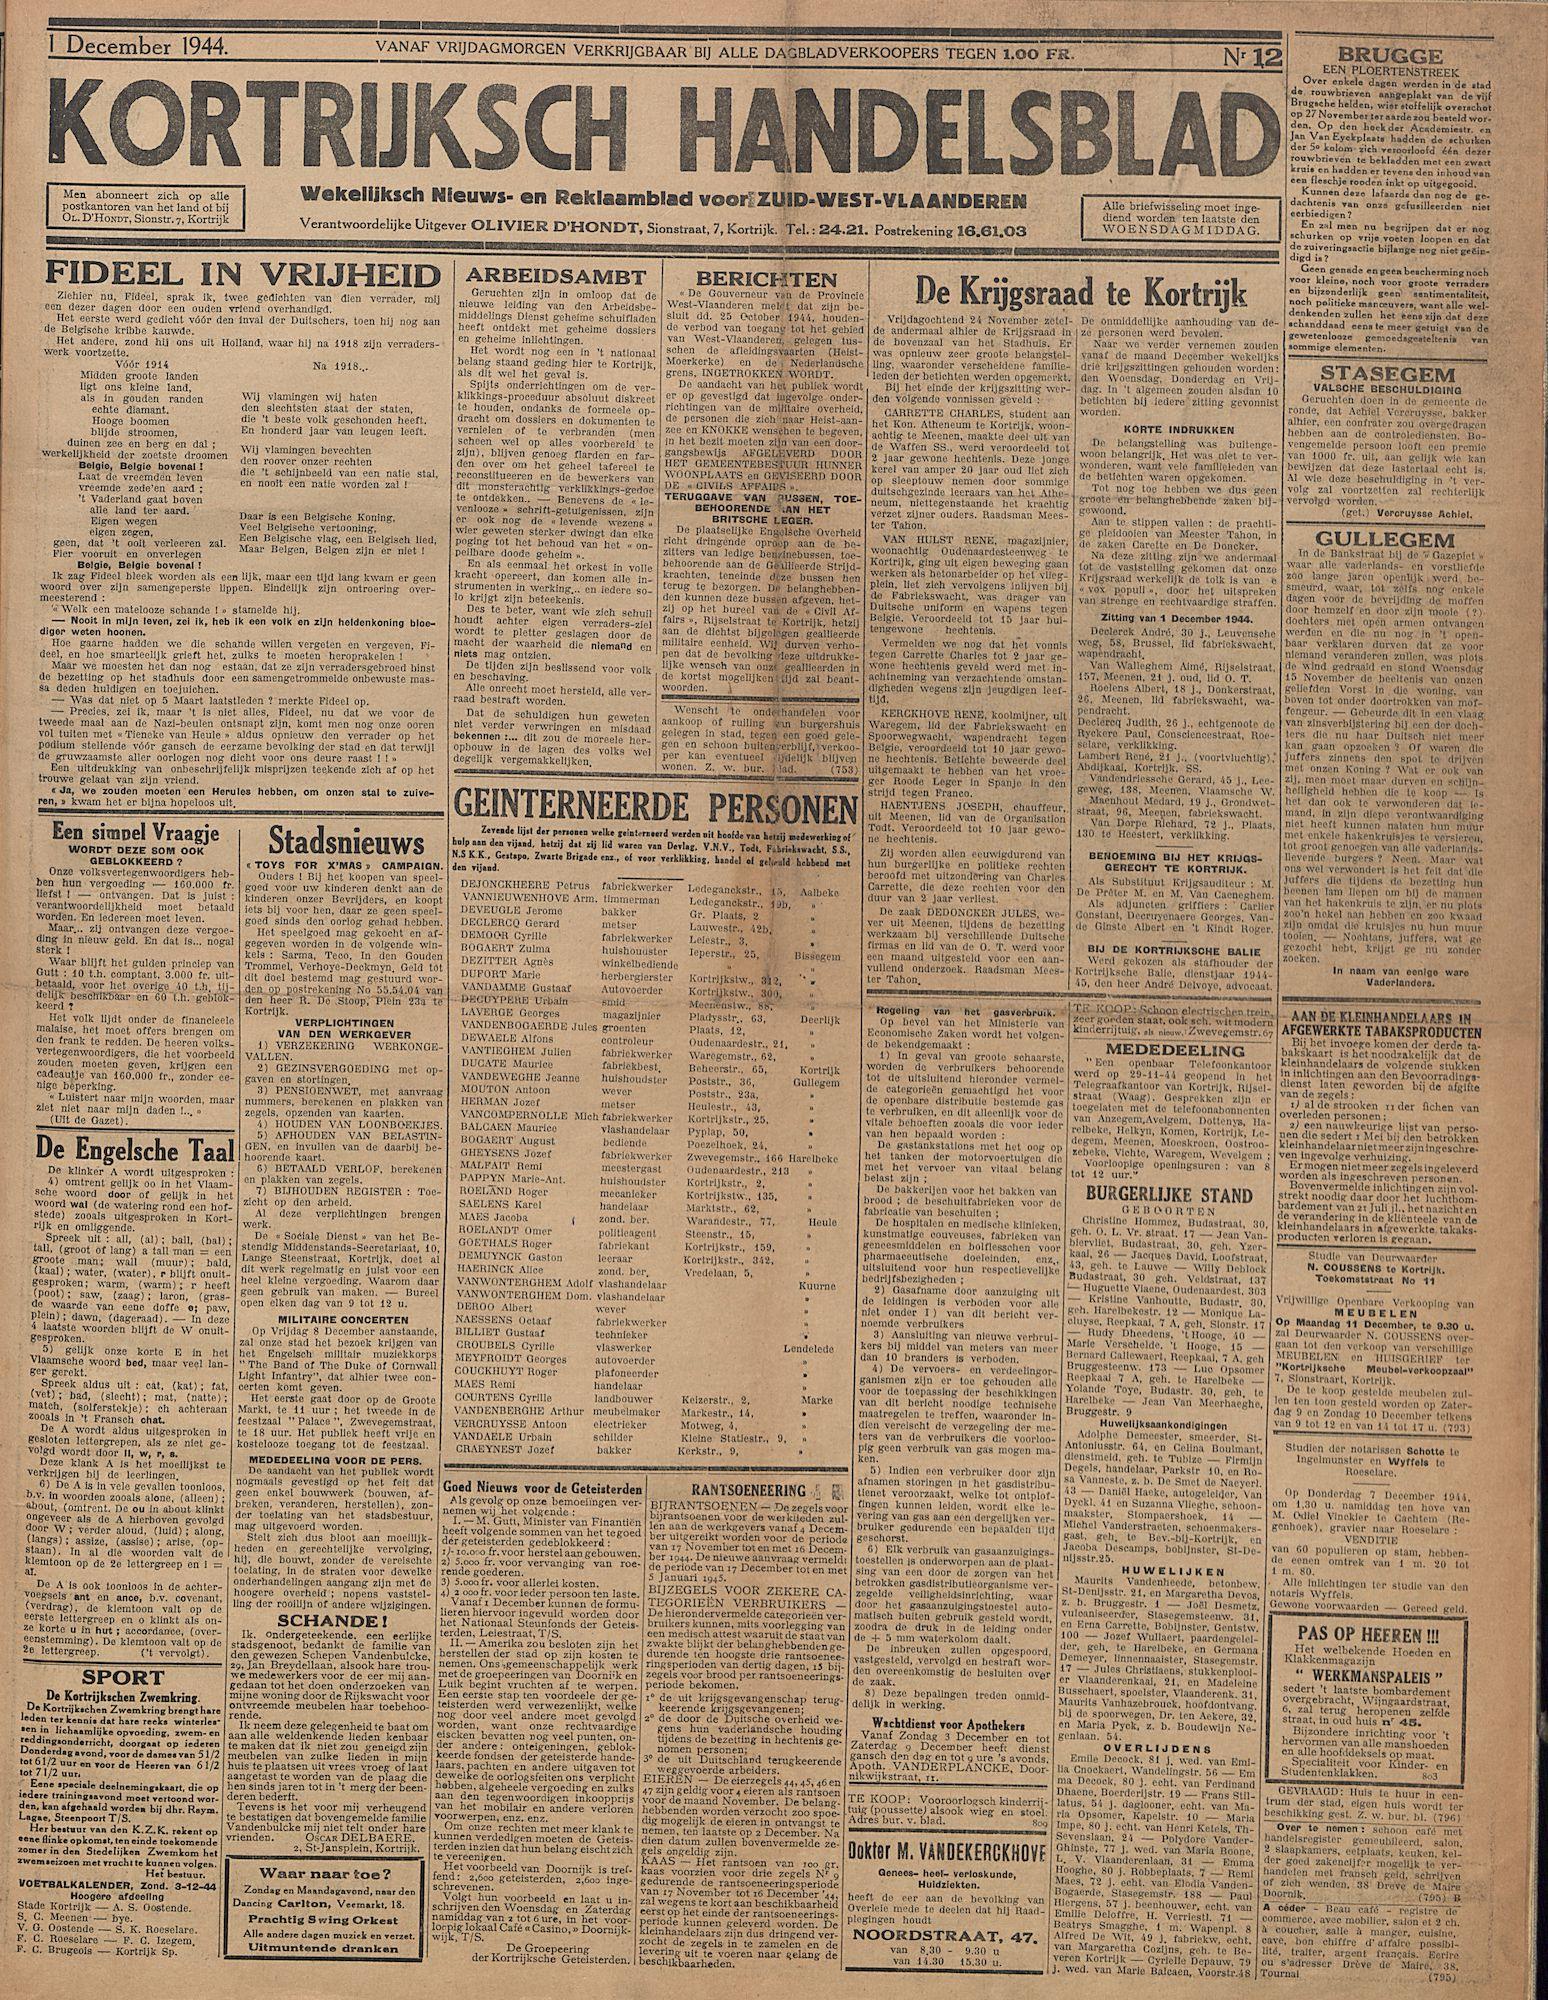 Kortrijksch Handelsblad 1 december 1944 Nr12 p1